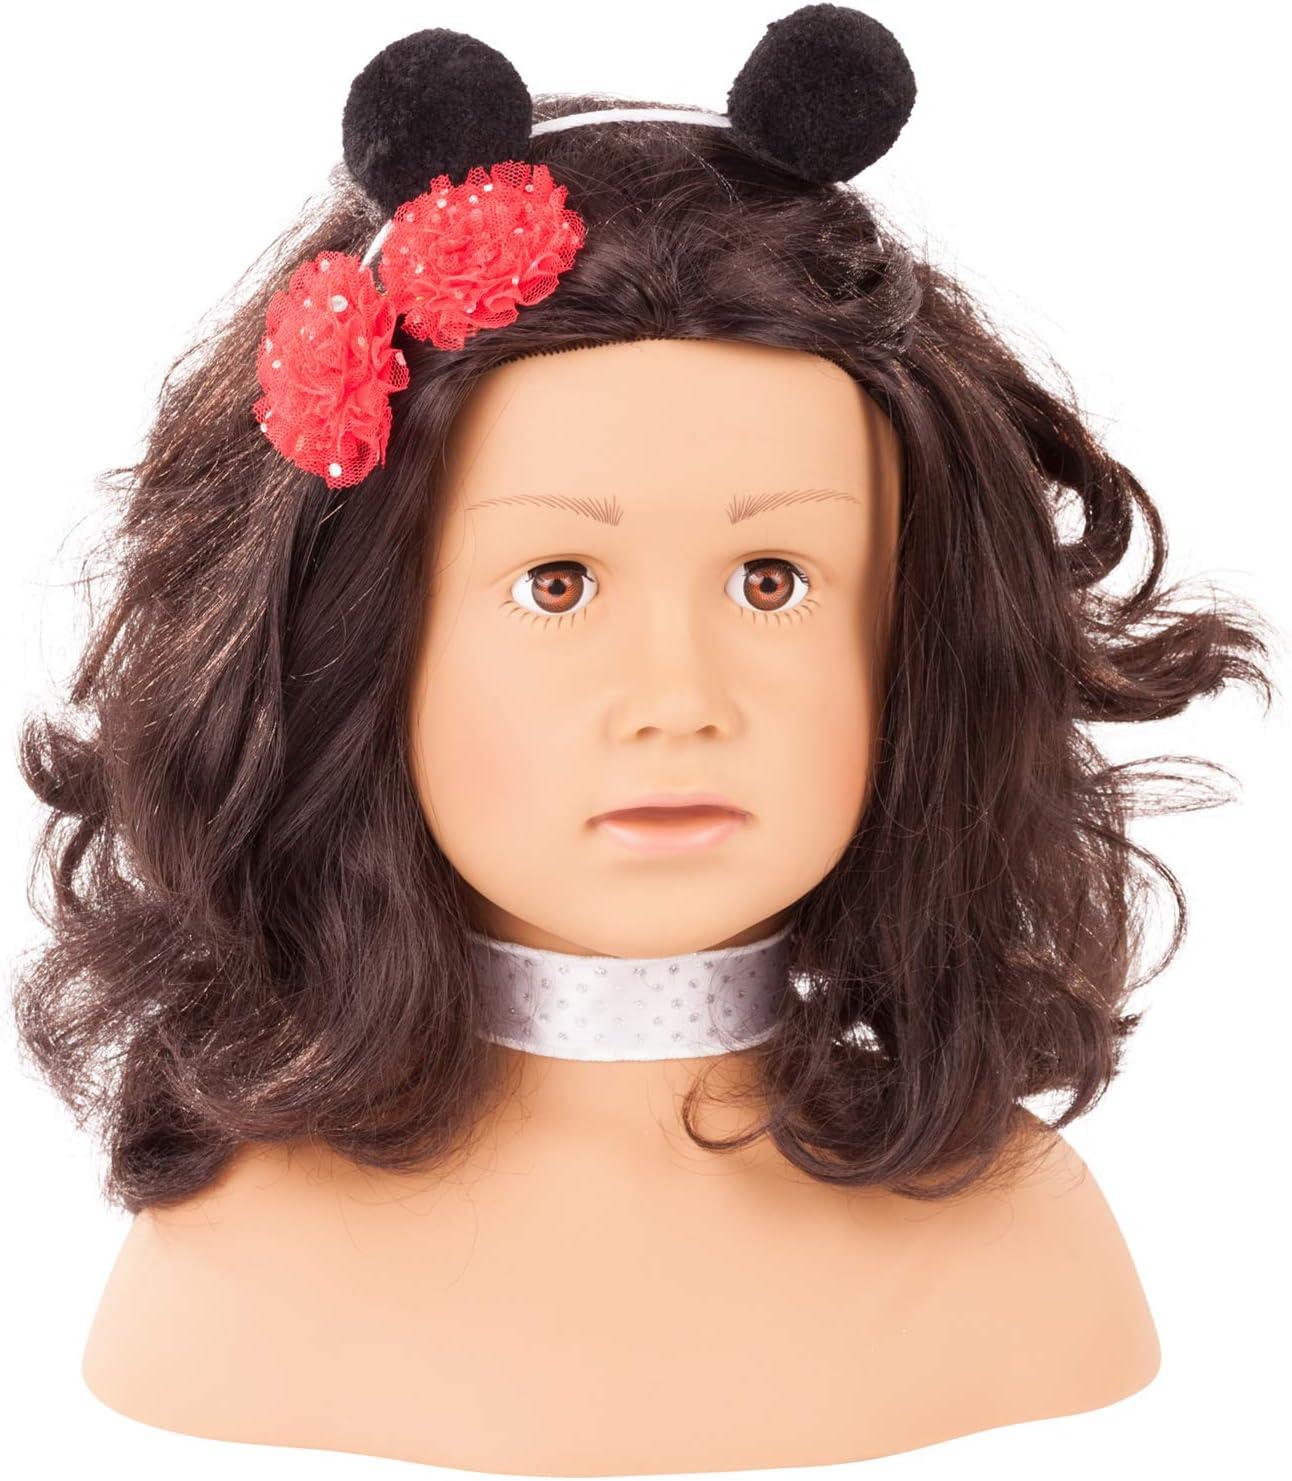 Gotz 1992157 Peluquín Ladybug con Pelo Negro y Ojos Marrones - 28 cm Alta Cabezal de Maquillaje / Cabezal de Vestir - Juego de 68 Piezas - Adecuado para niñas a Partir de 3 años